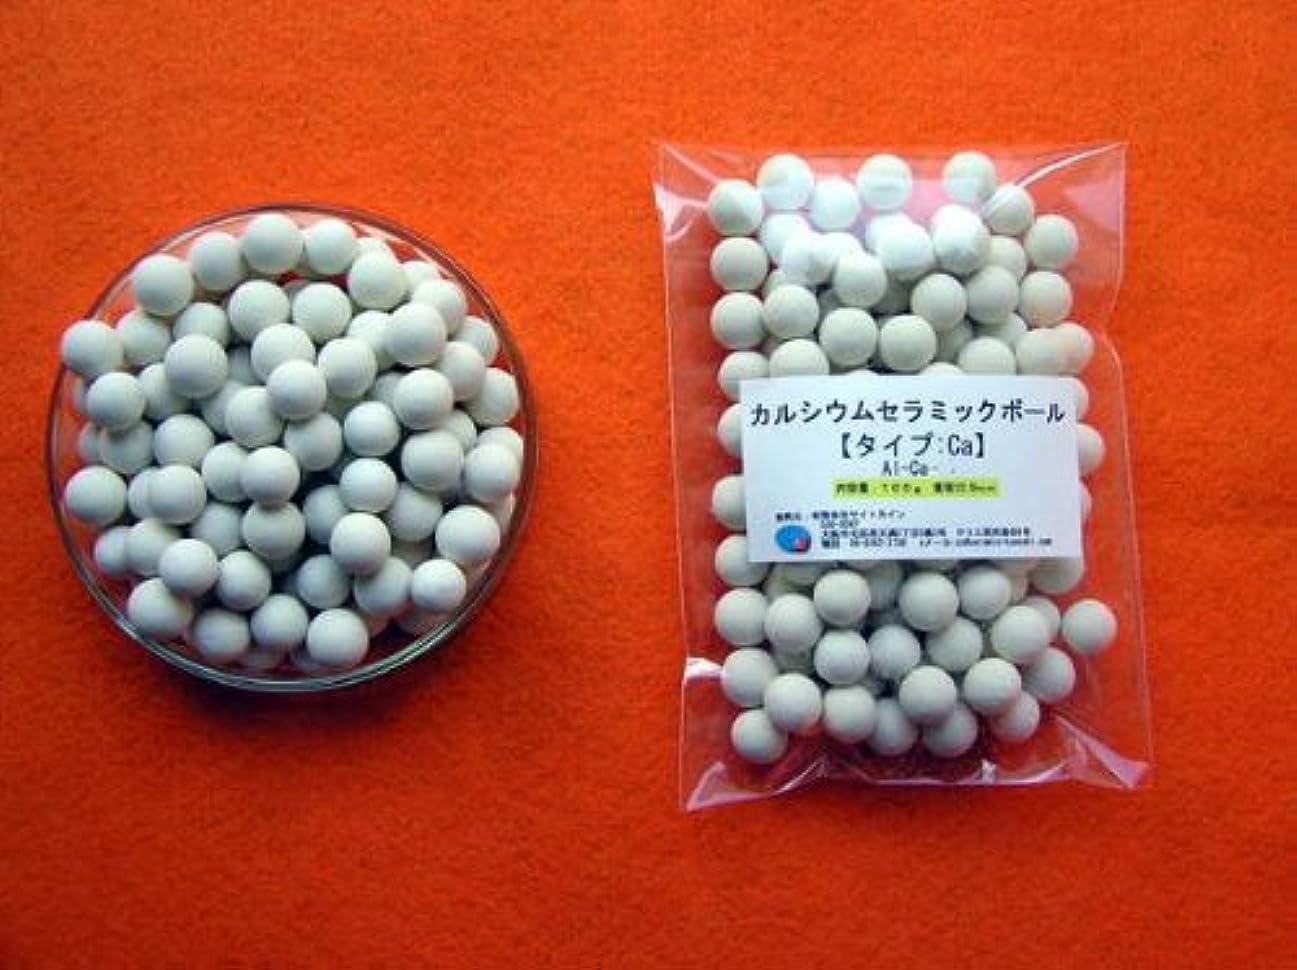 に付ける威するバラ色マグネシウムセラミックボール 250グラム